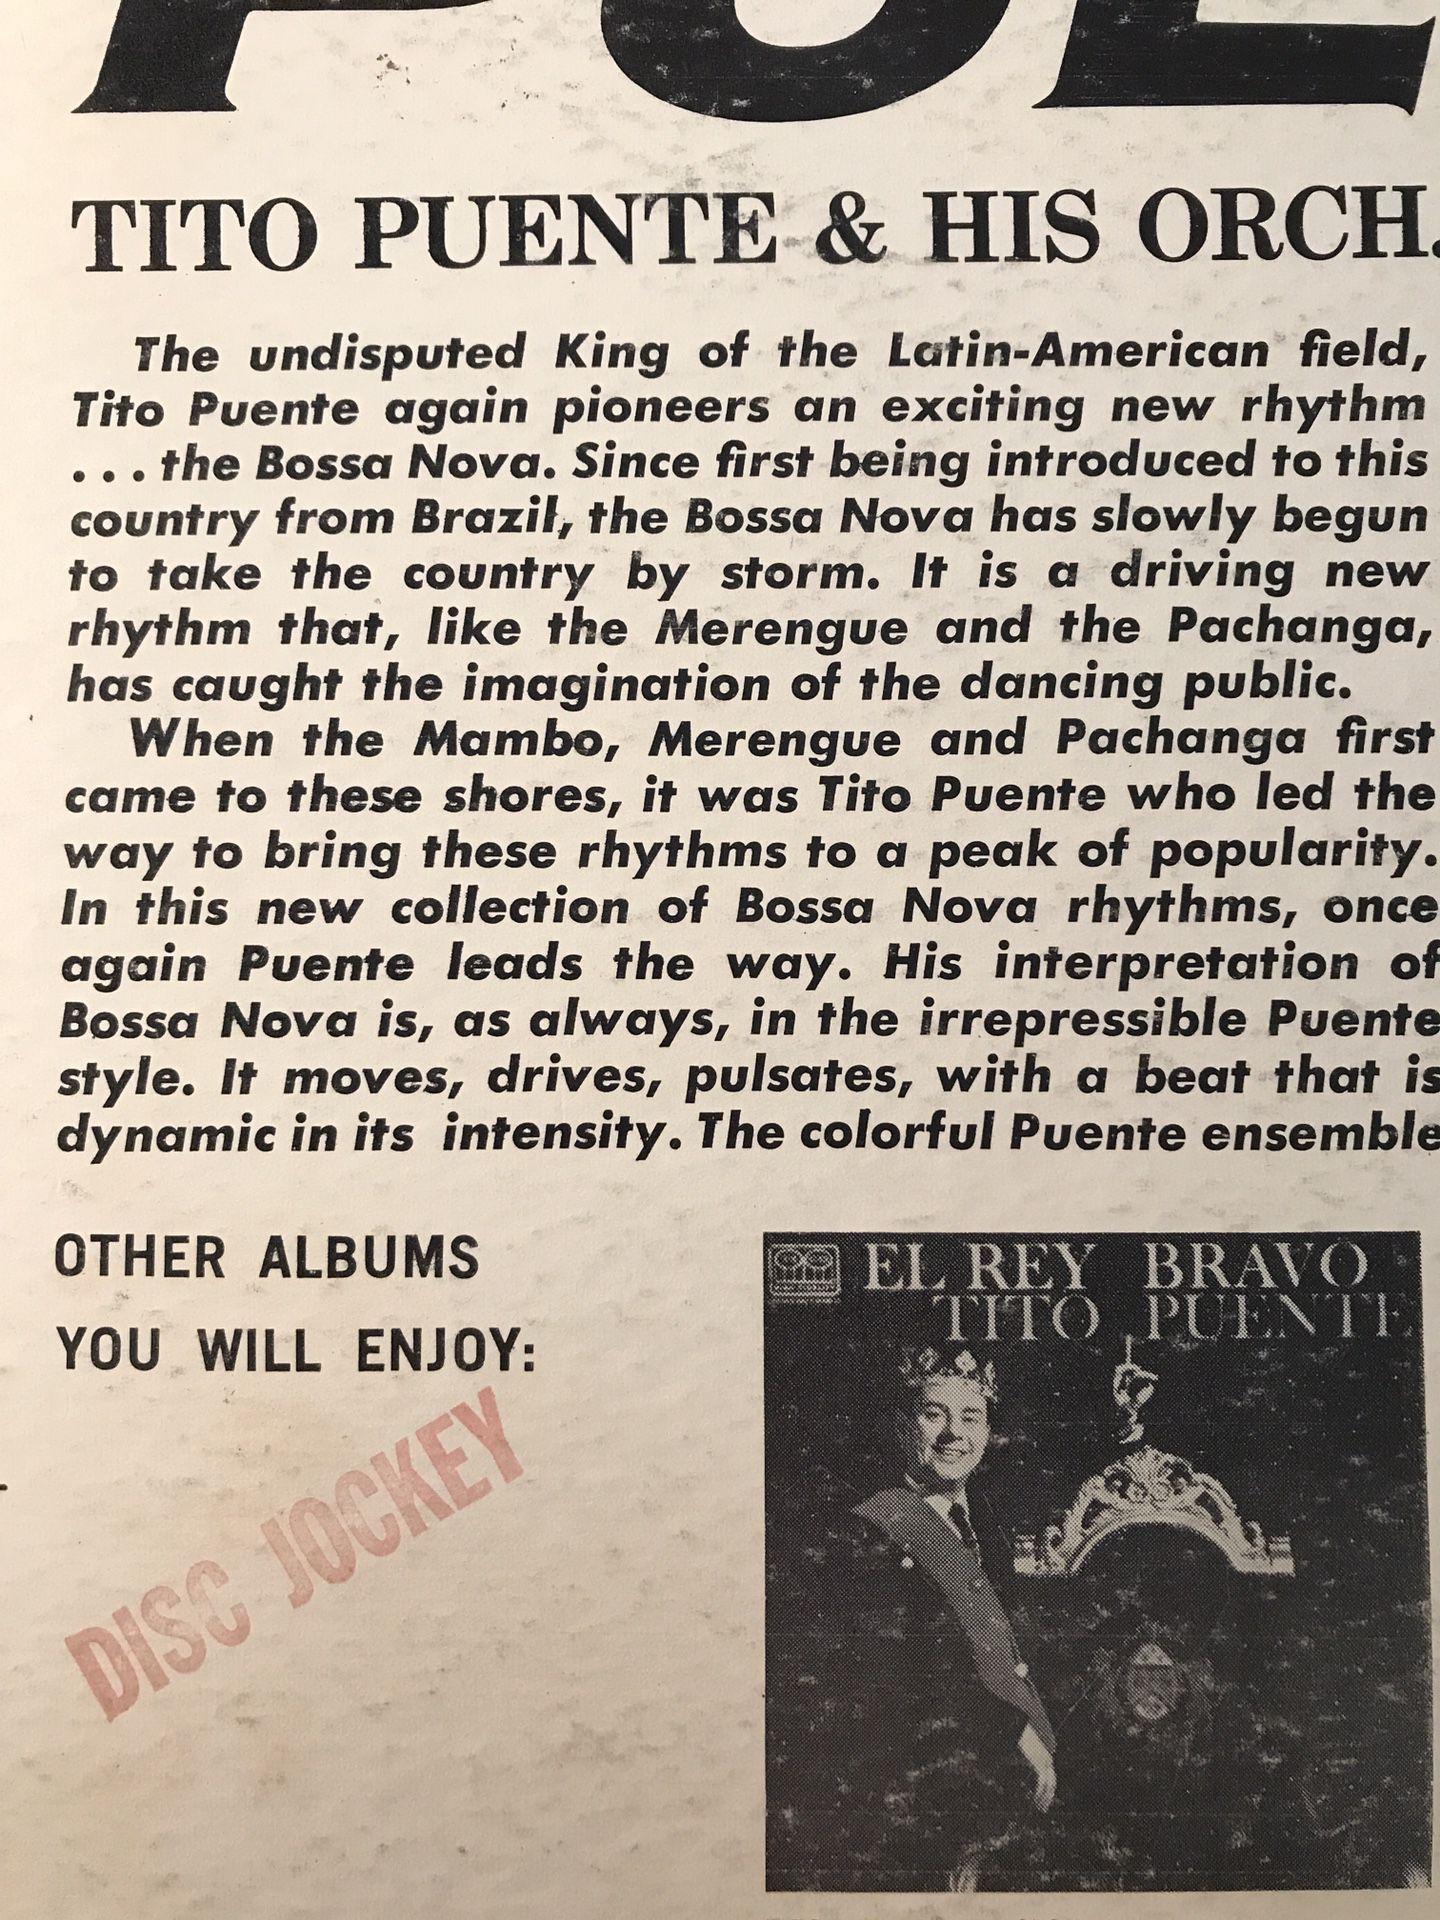 TITO PUENTE - Bossa Nova by Puente - LP 1962 Jazz Vinyl Mono